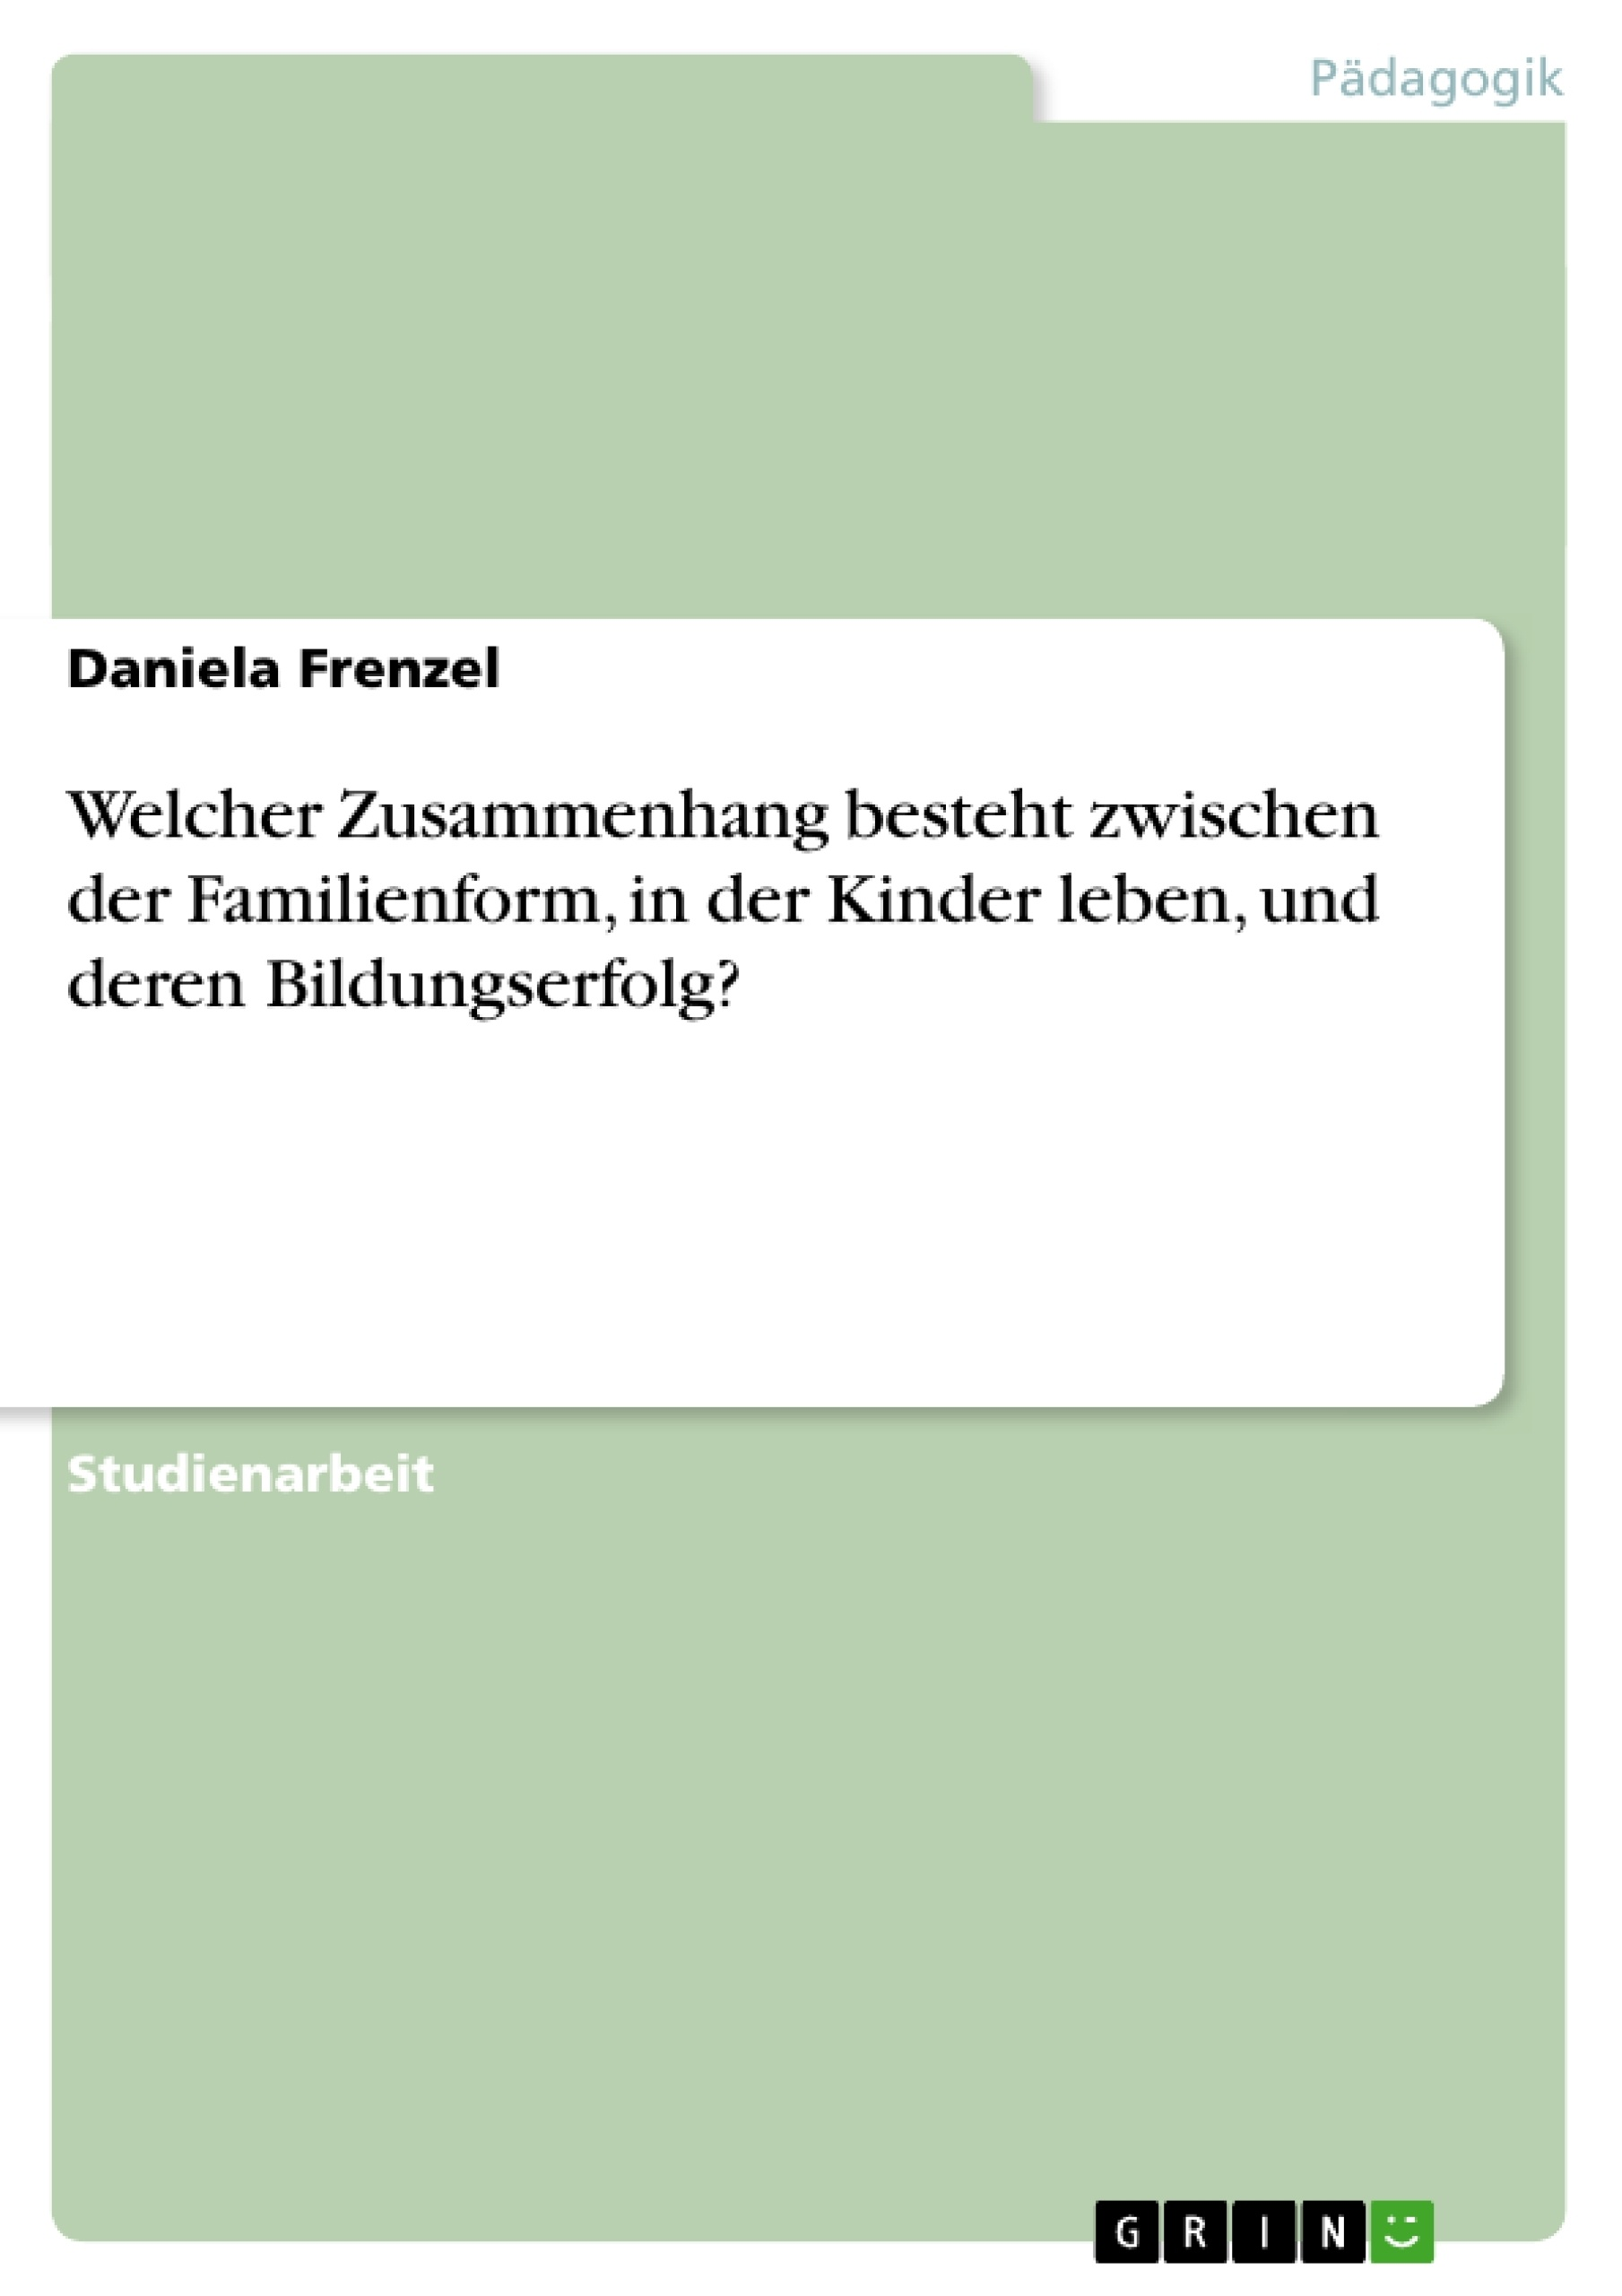 Titel: Welcher Zusammenhang besteht zwischen der Familienform, in der Kinder leben, und deren Bildungserfolg?